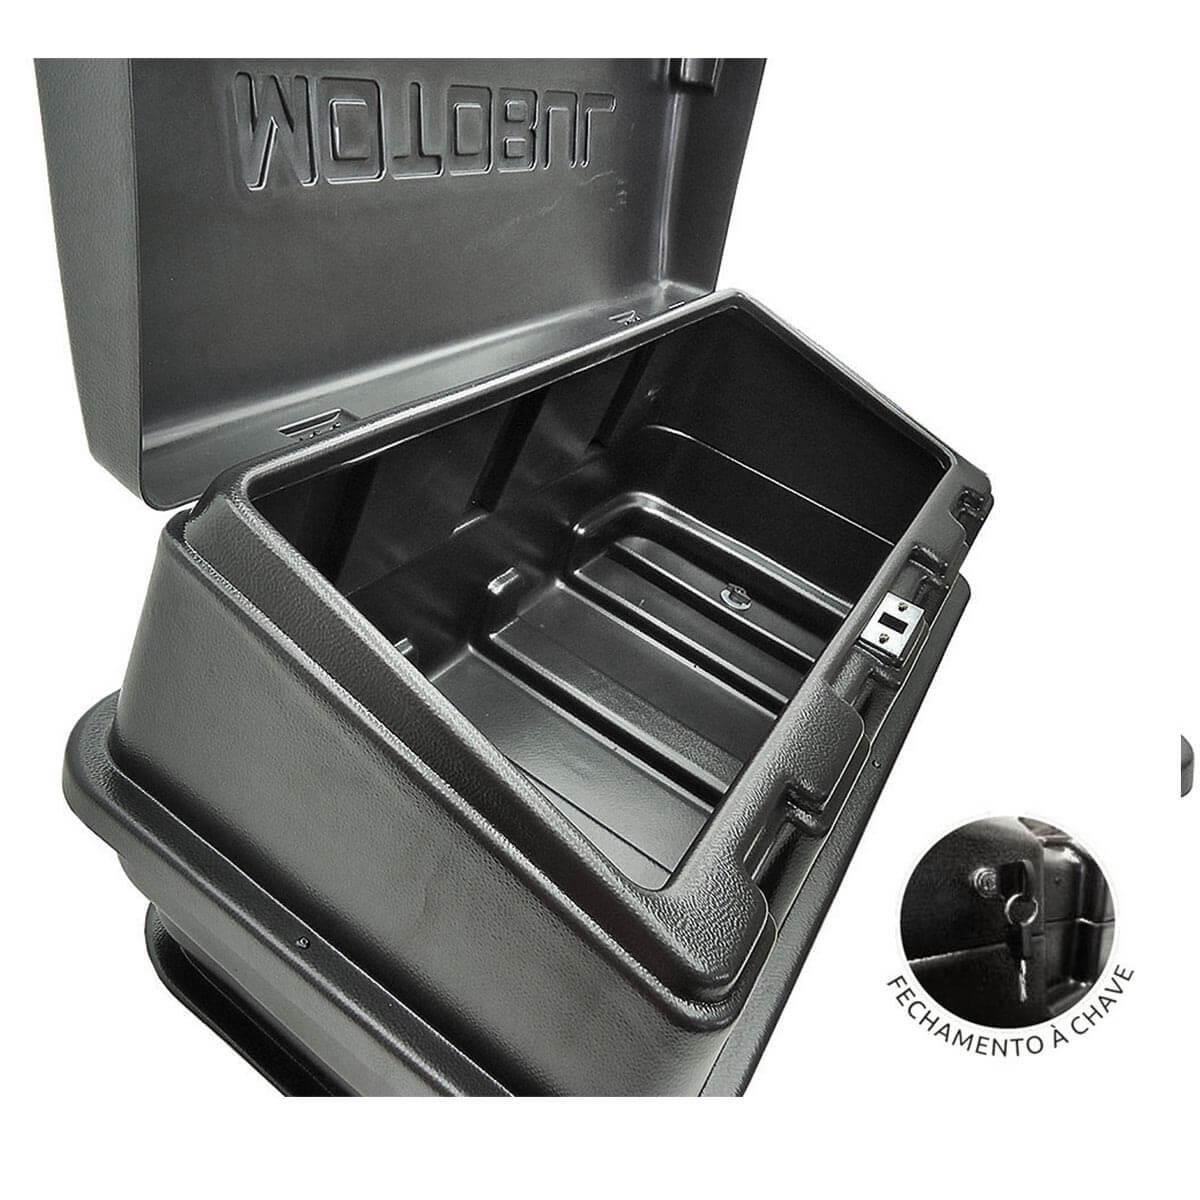 Caixa para caçamba com chave L200 GL 1999 a 2005 ou L200 GLS 1999 a 2007